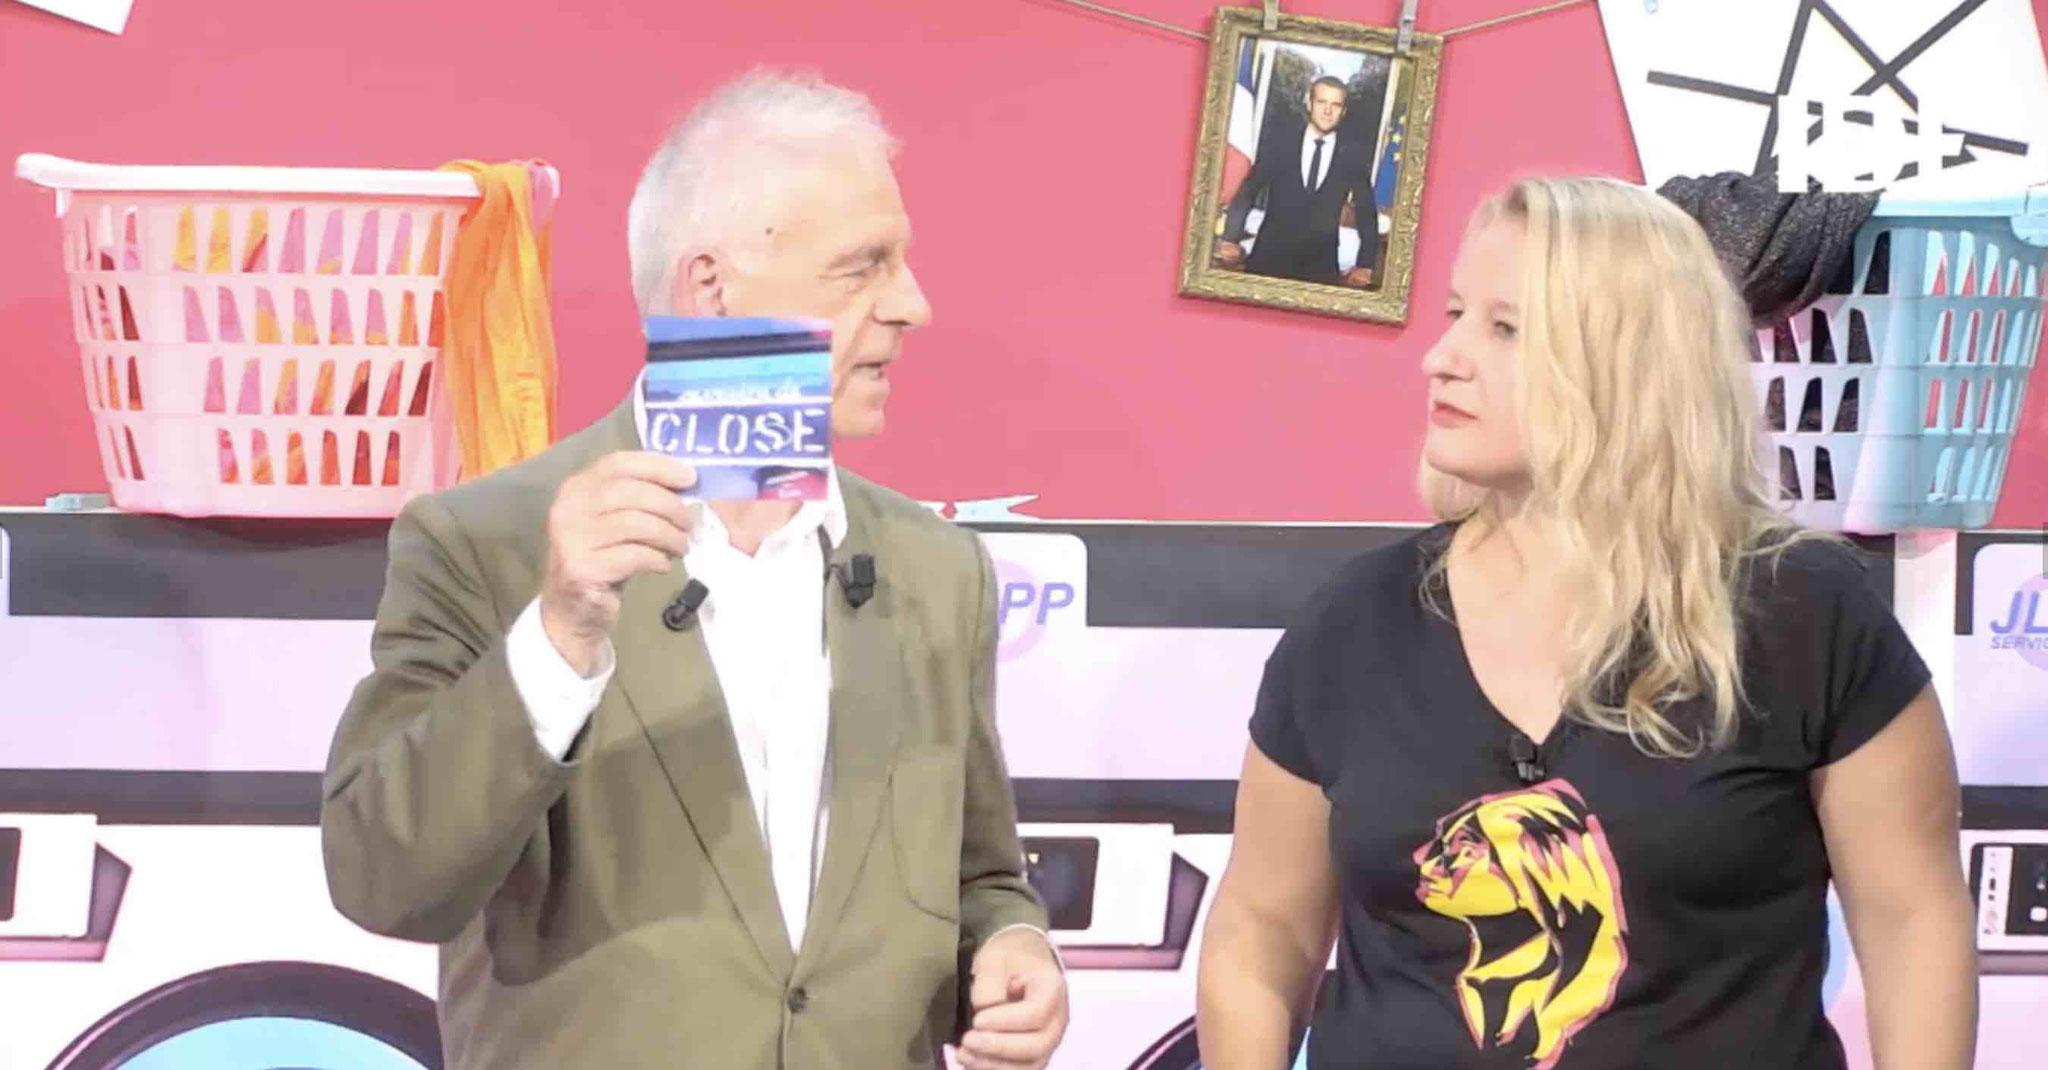 Interview et live chez Jacky dans l'émission JLPP sur IDF1